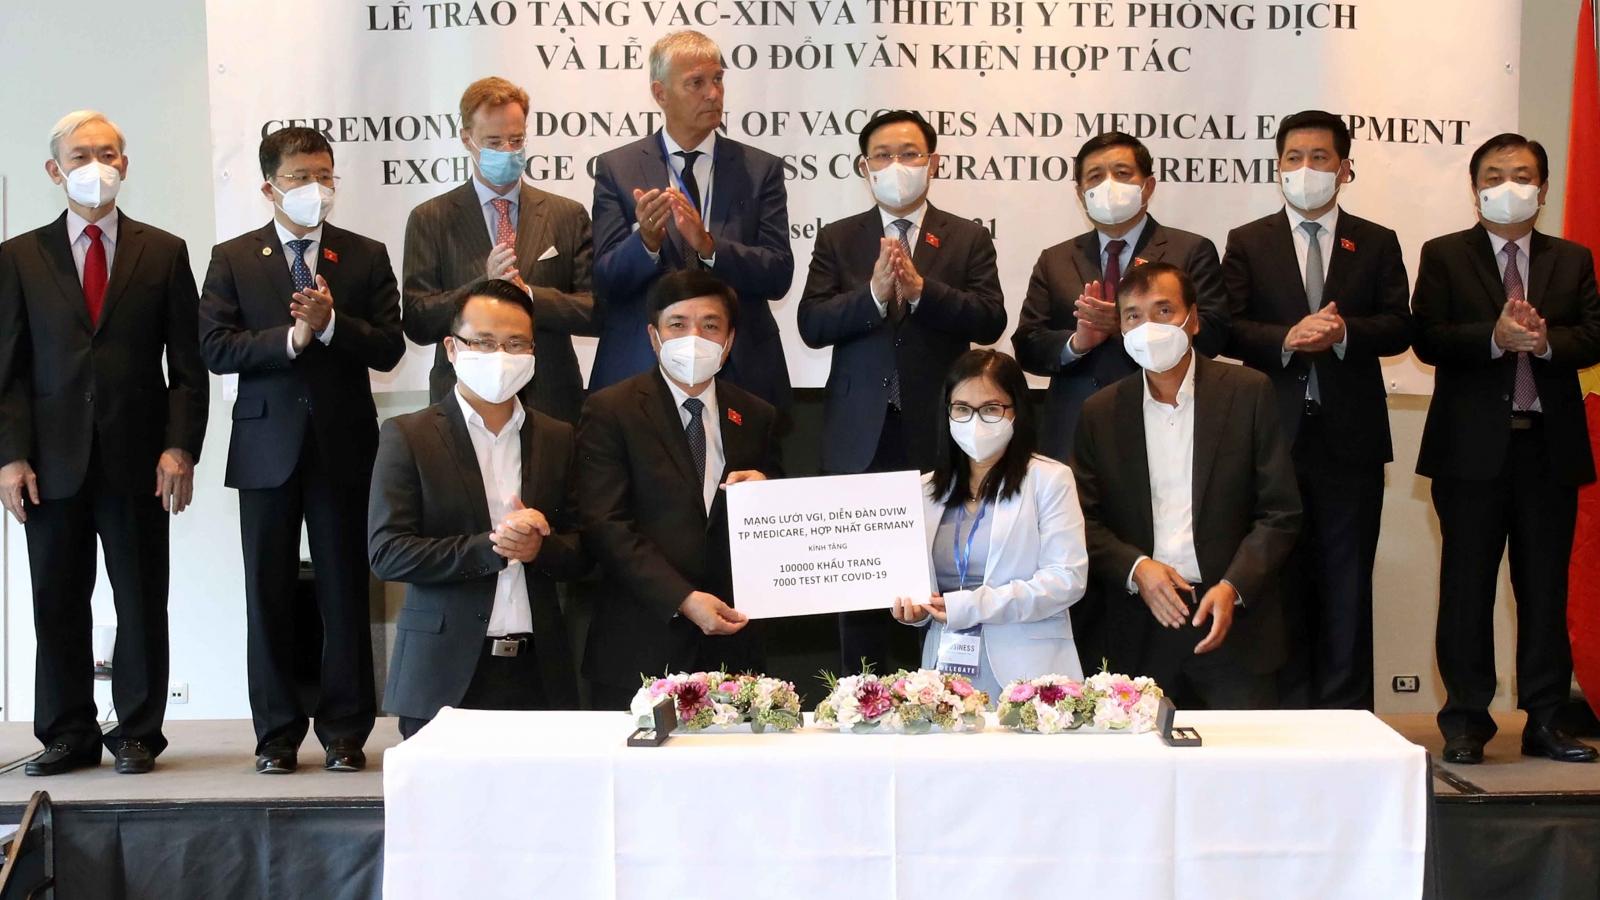 Chủ tịch Quốc hội dự Lễ Trao tặng vaccine, vật tư thiết bị y tế phòng, chống dịch Covid-19